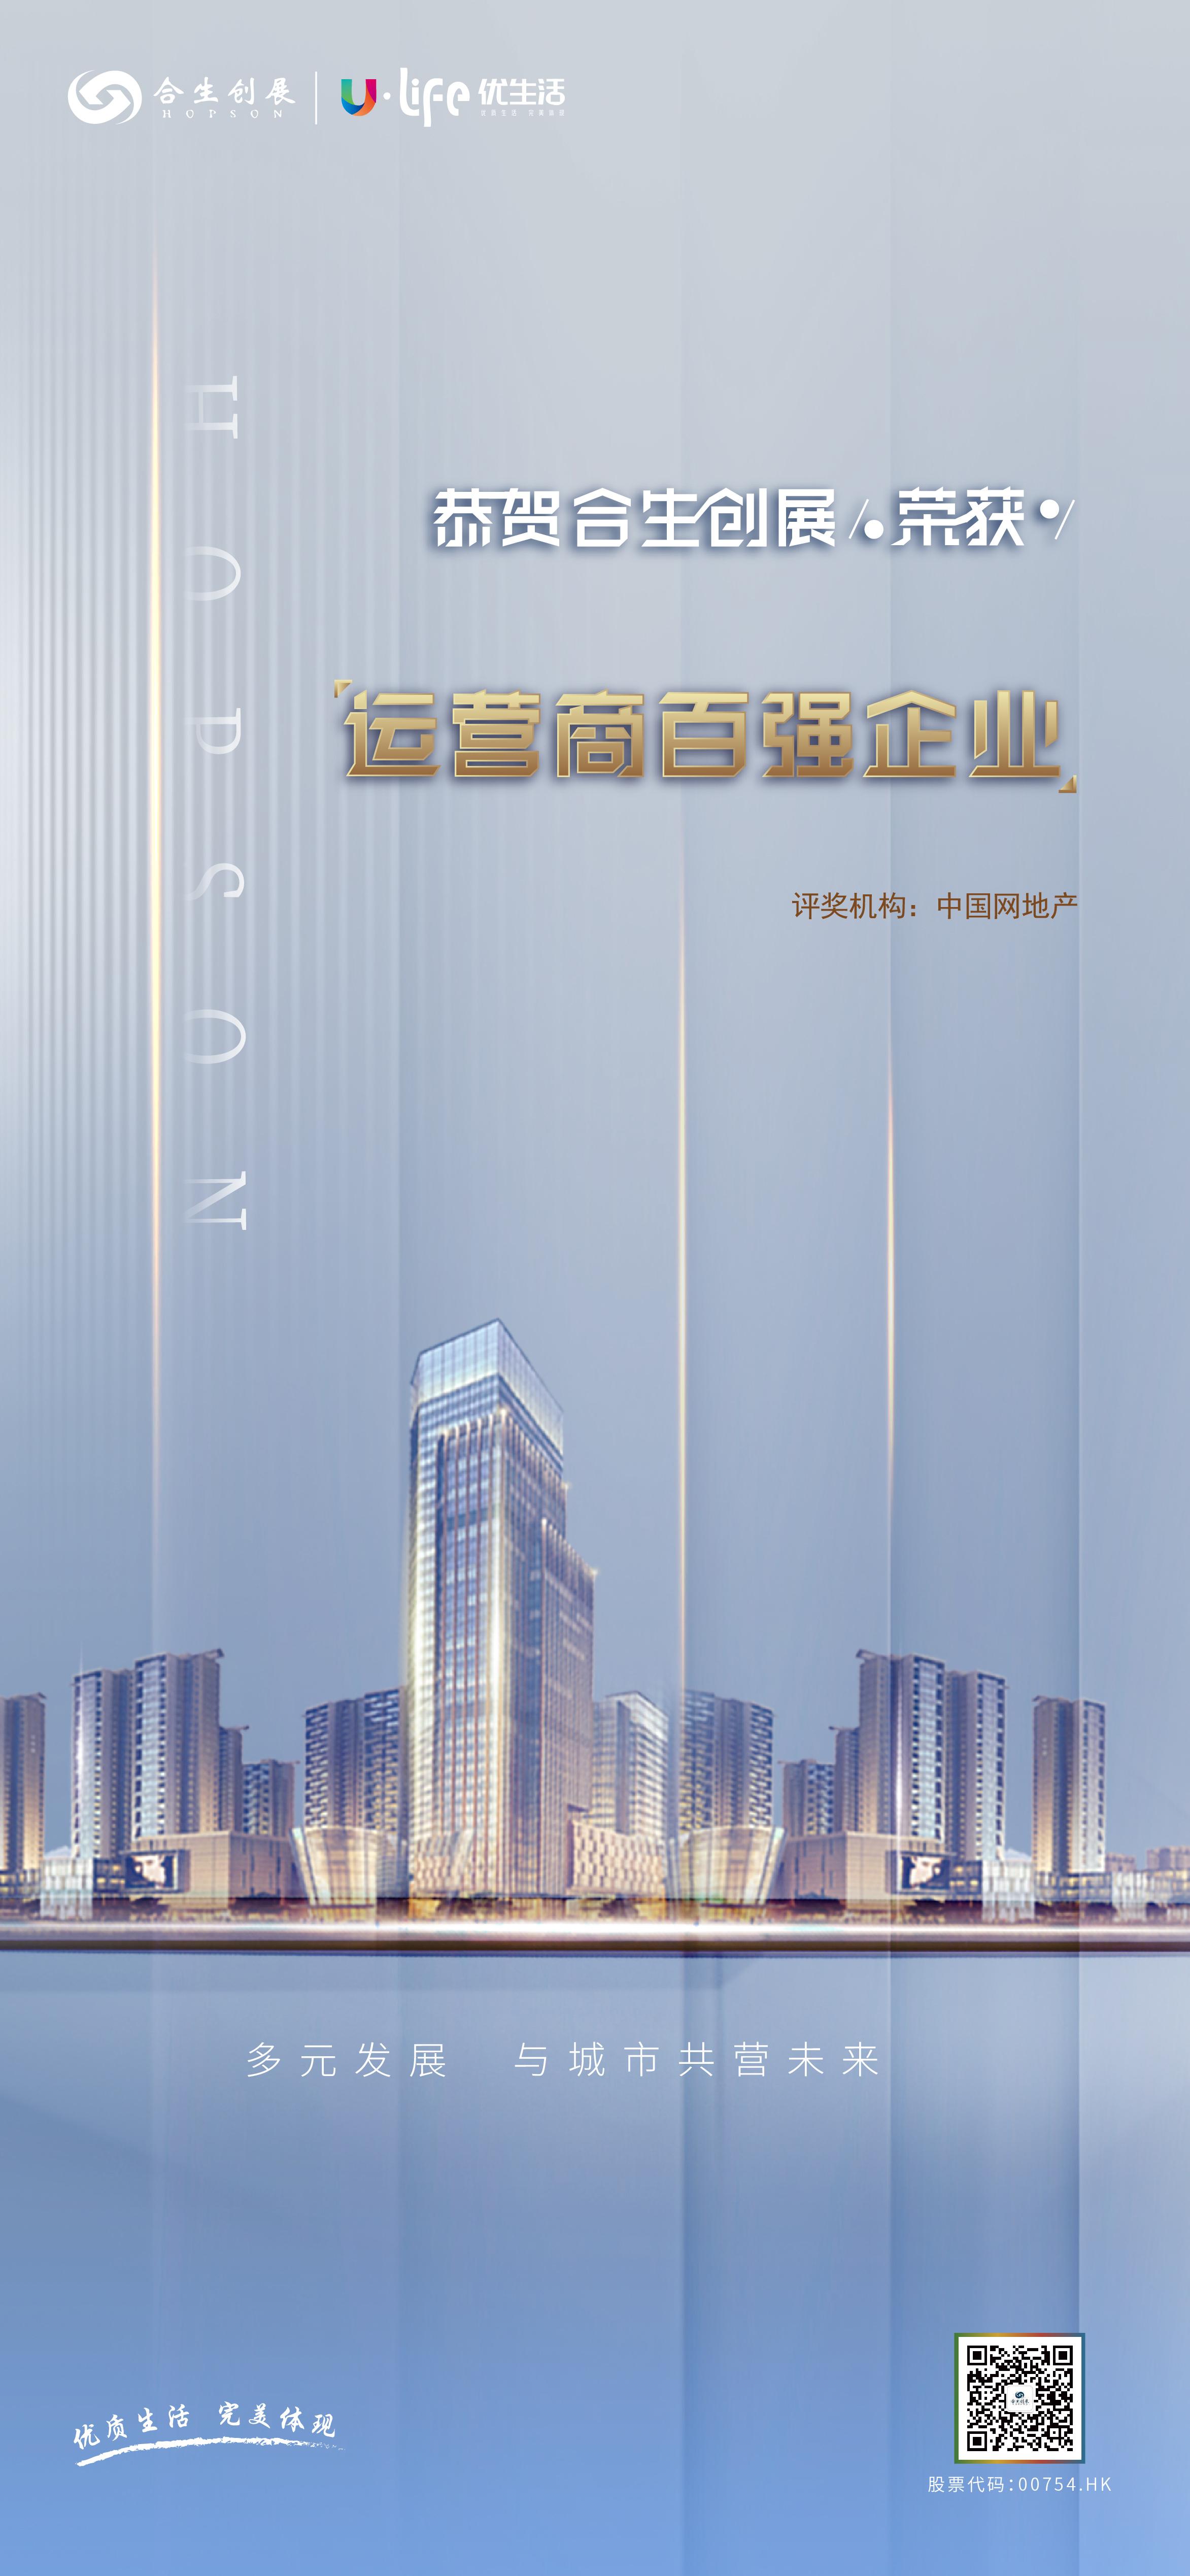 合生创展荣膺运营商百强企业奖 多元业务板块构筑全领域发展-中国网地产